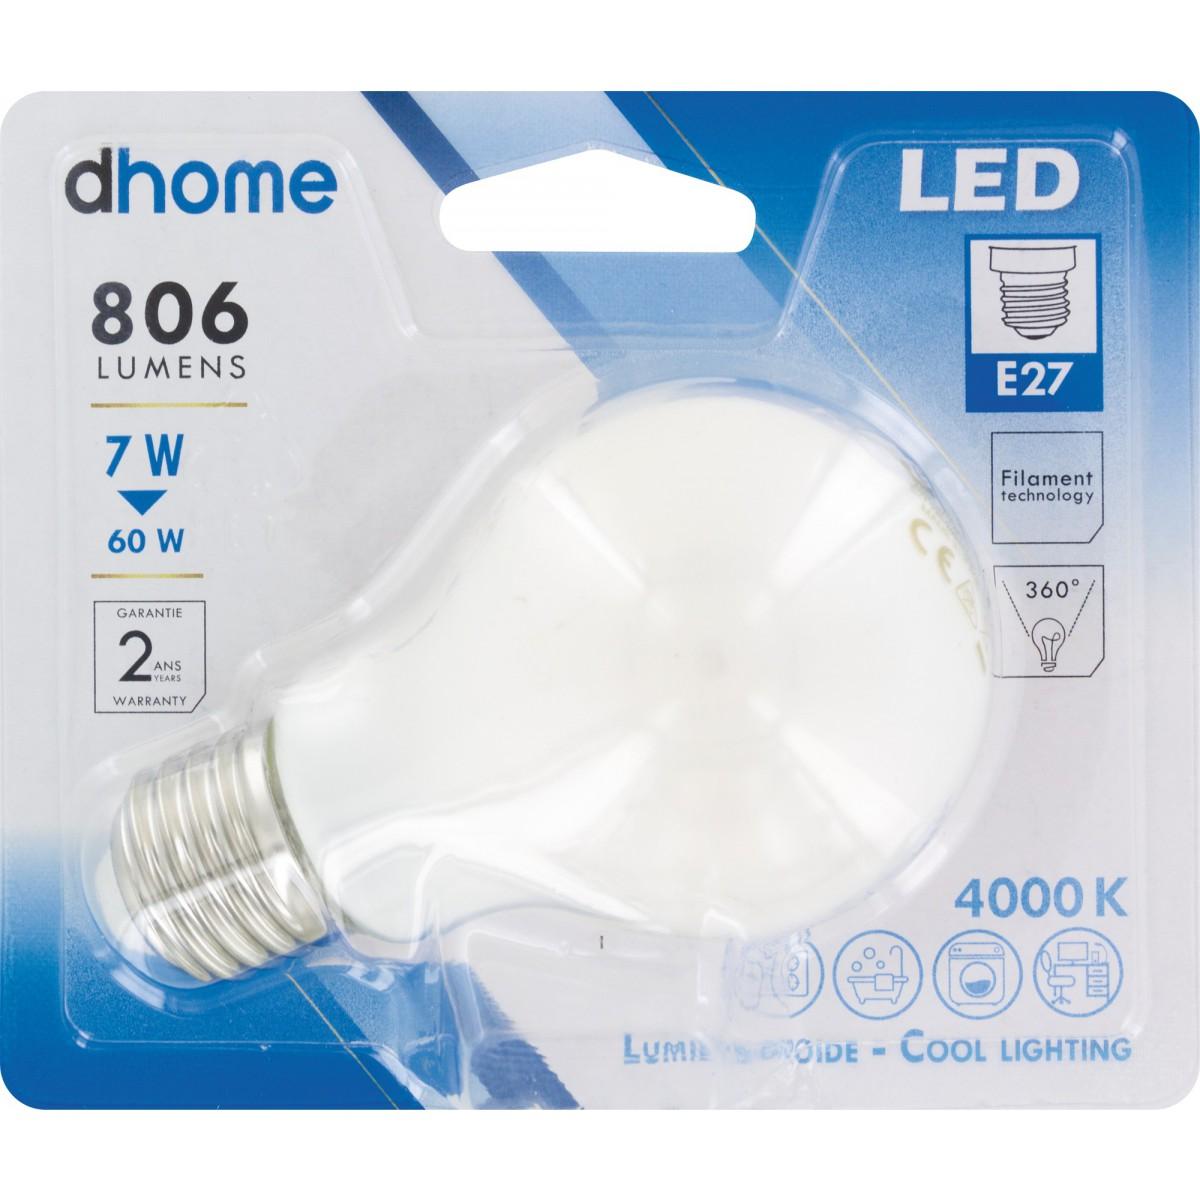 Ampoule LED standard à filament E27 dhome - 806 Lumens - 7 W - 4000 K